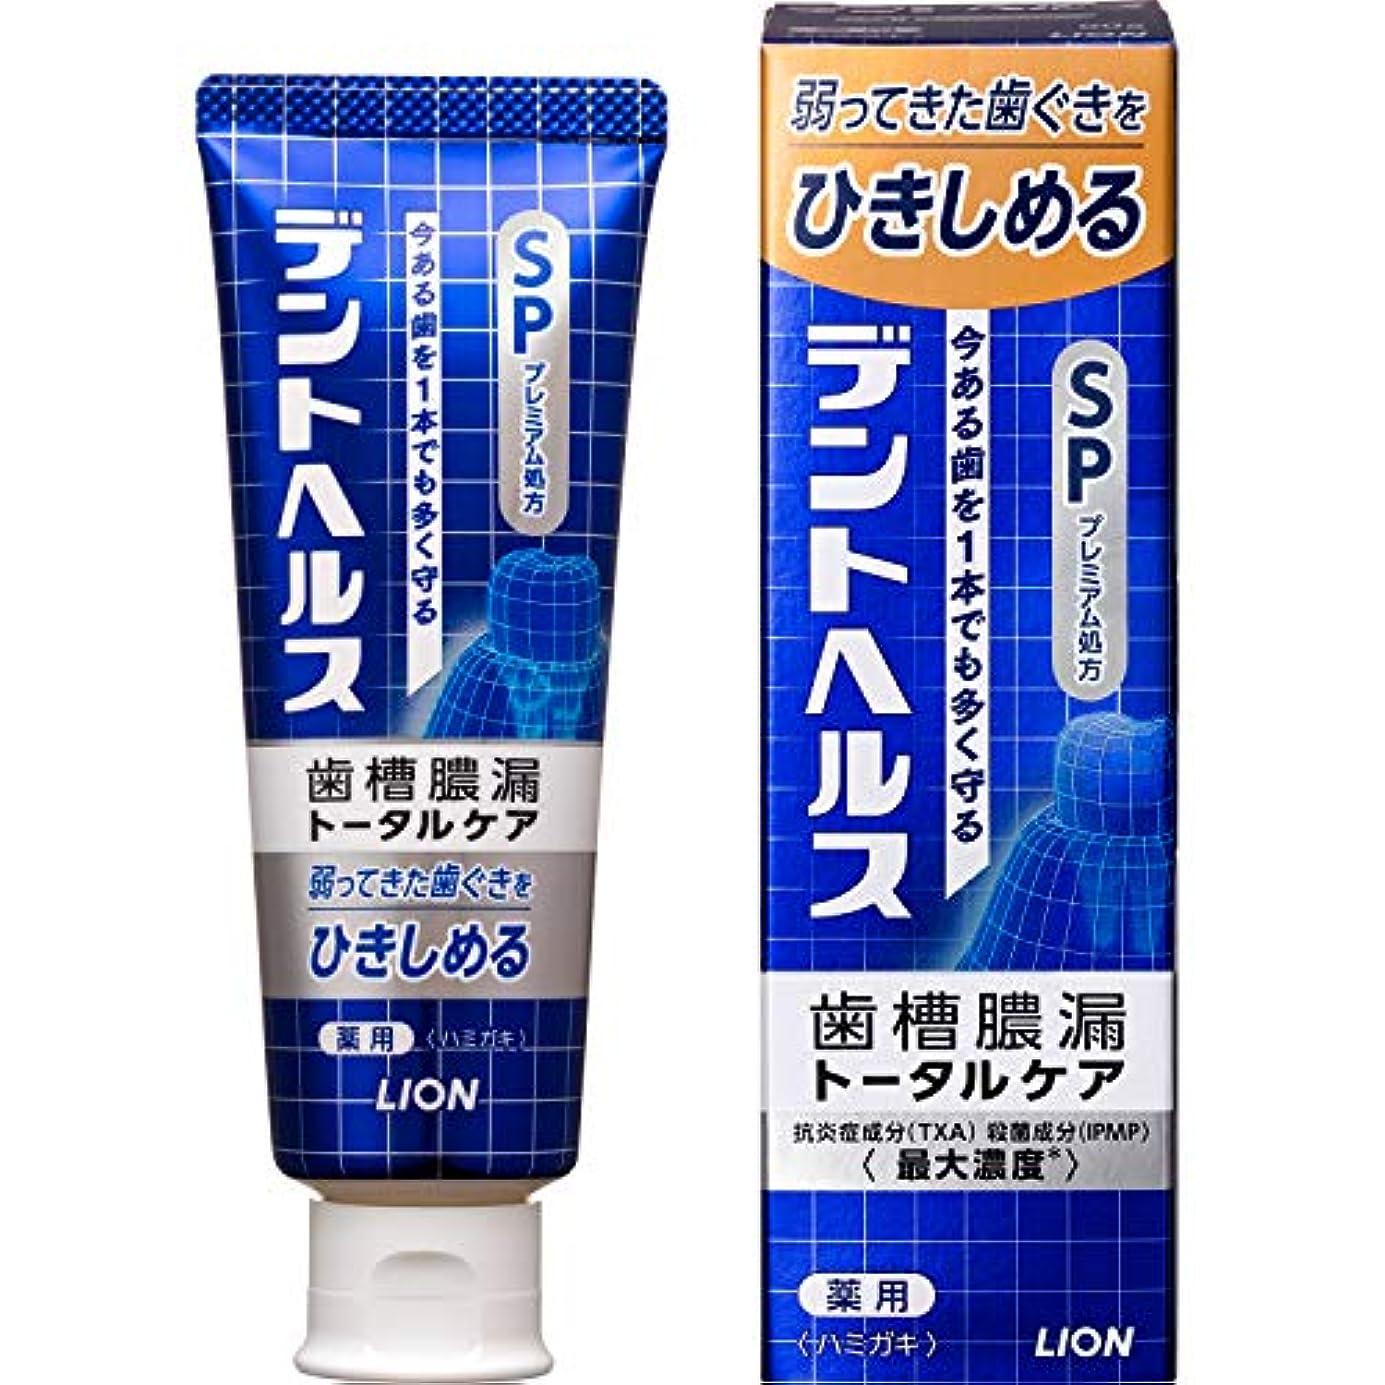 修正ラダ時間歯槽膿漏予防に デントヘルス 薬用ハミガキSP 90g (医薬部外品)